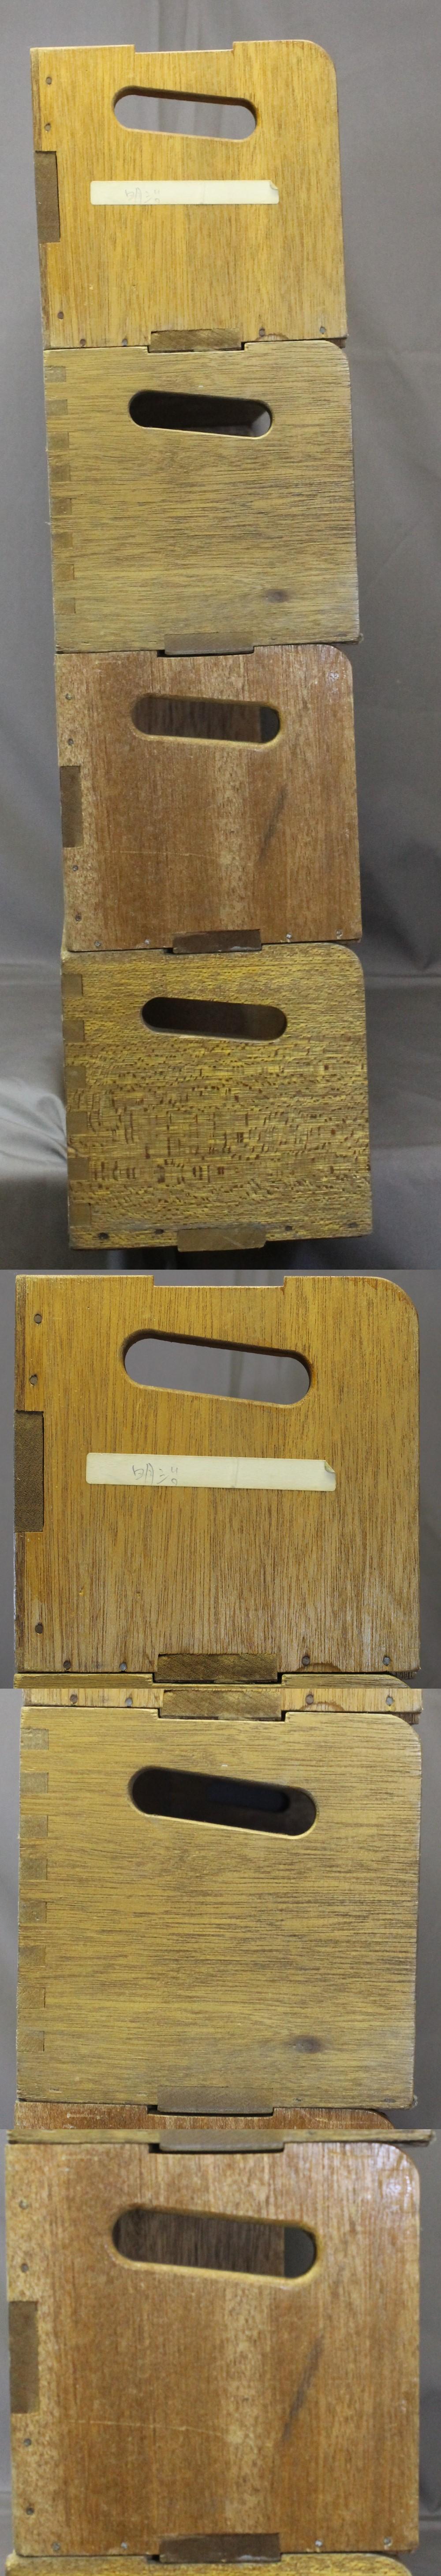 156木製本立て第四組4